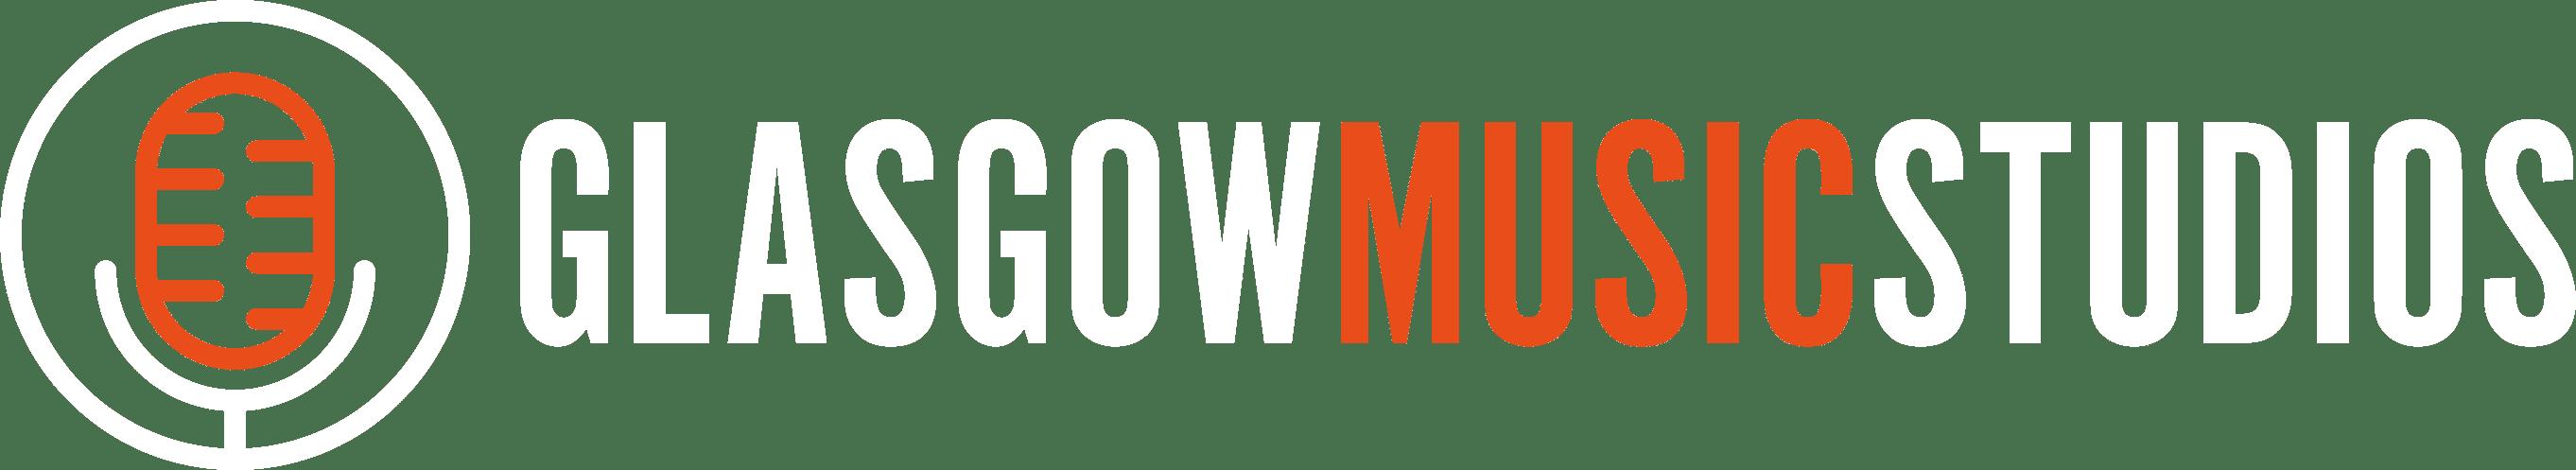 Glasgow-Music-Studios-Logo-w-o